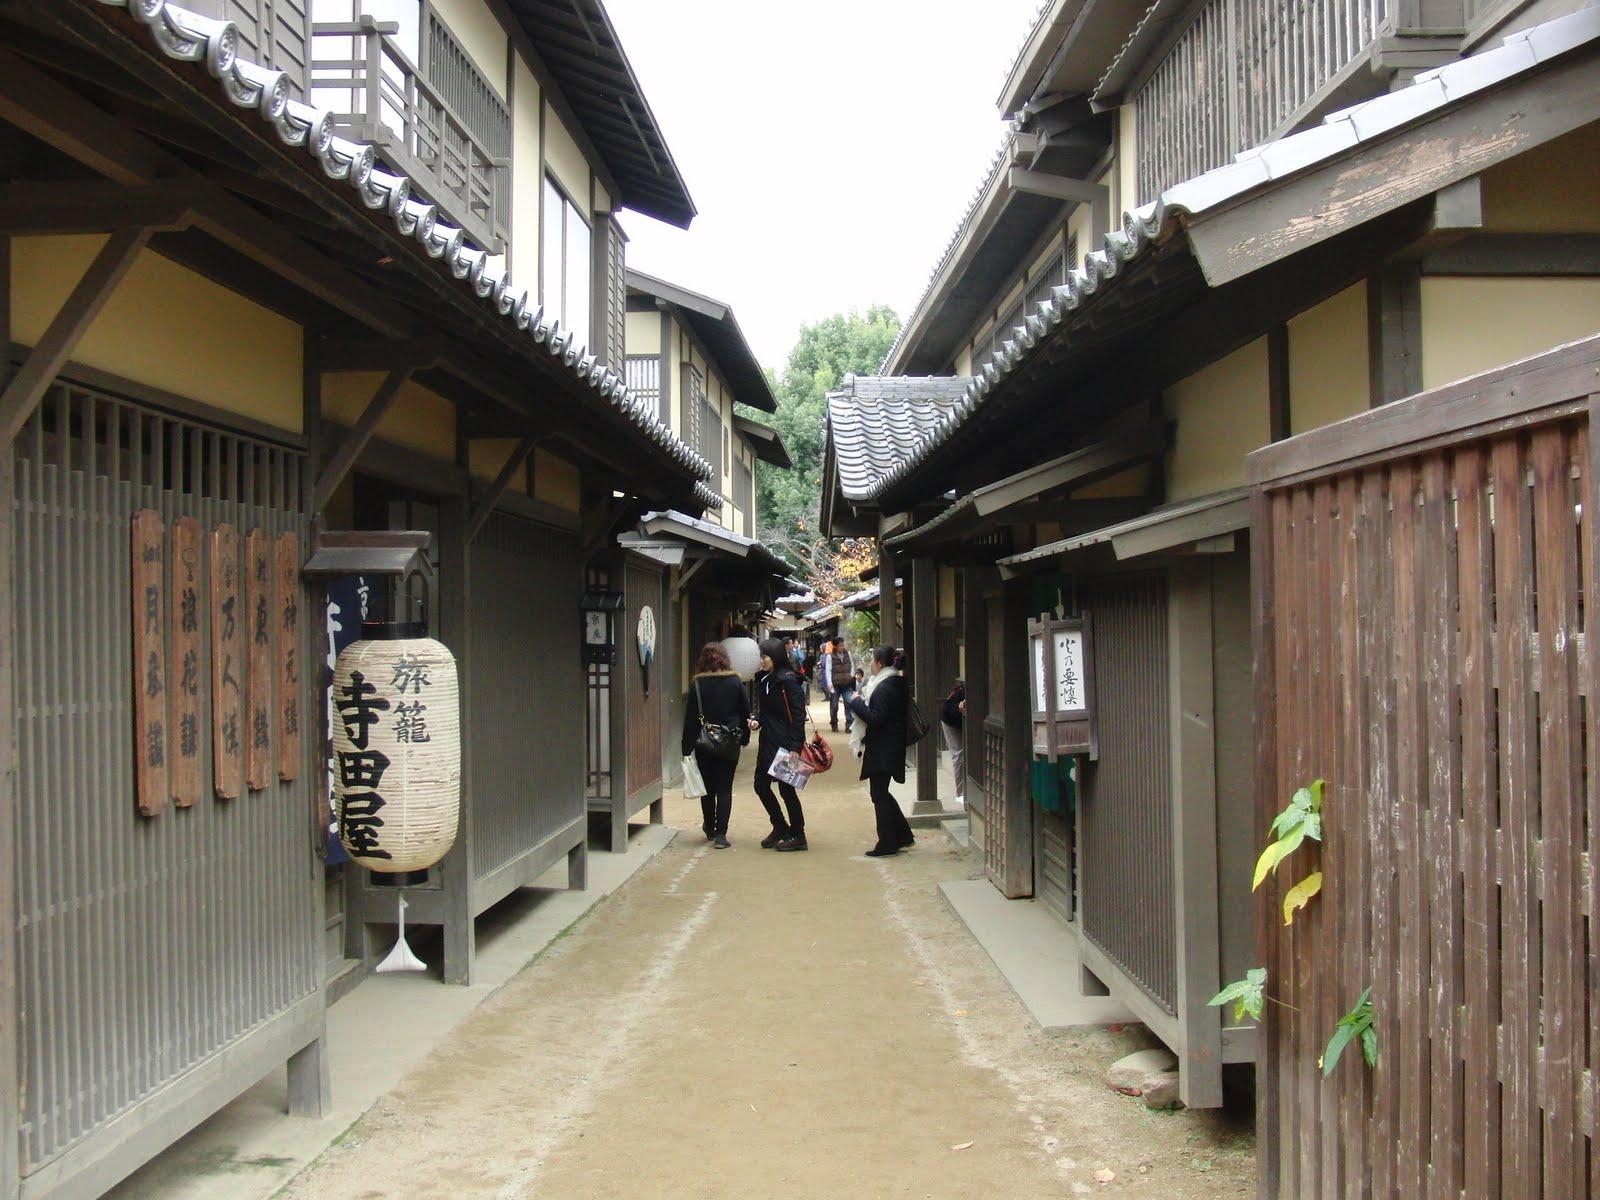 Calle en los estudios de cine de Kioto